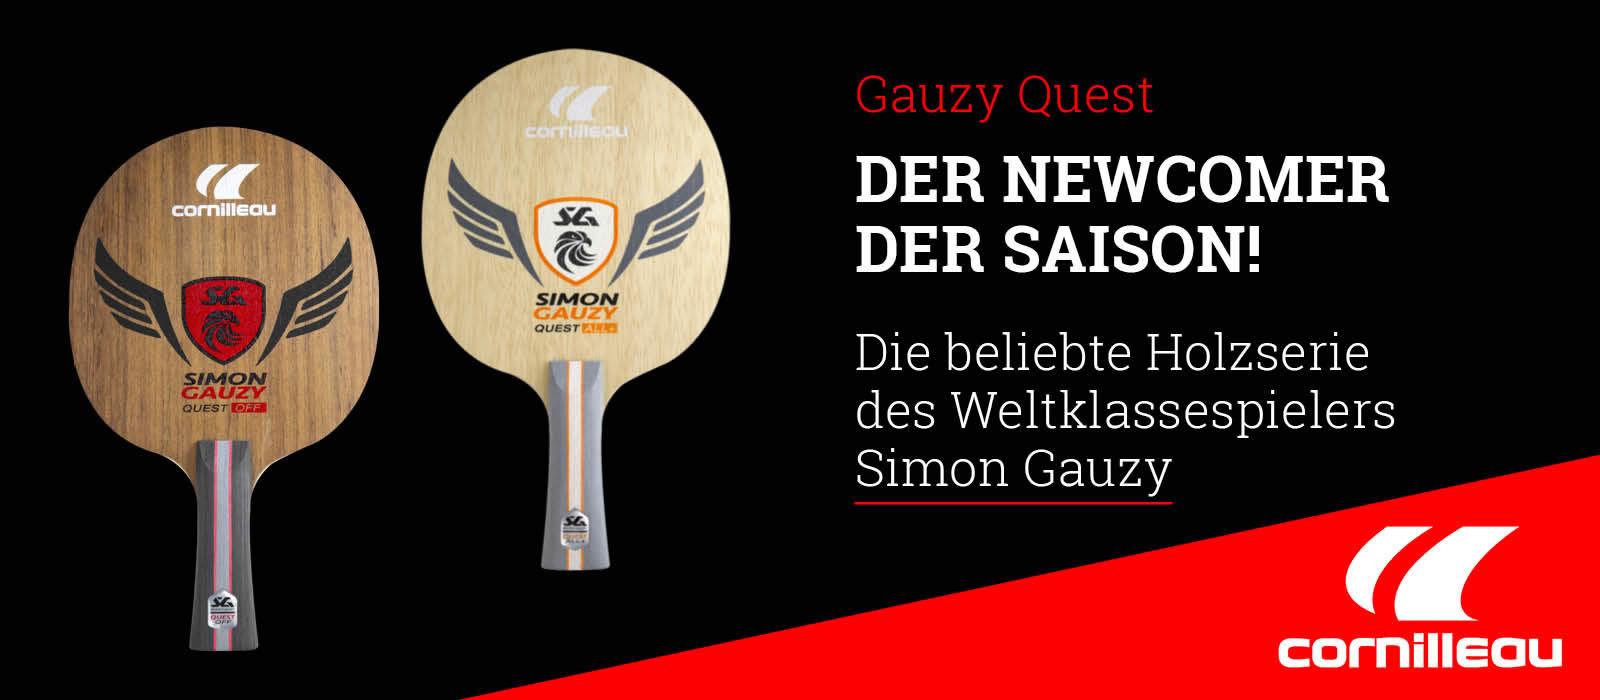 Cornilleau - Gauzy Tischtennishölzer